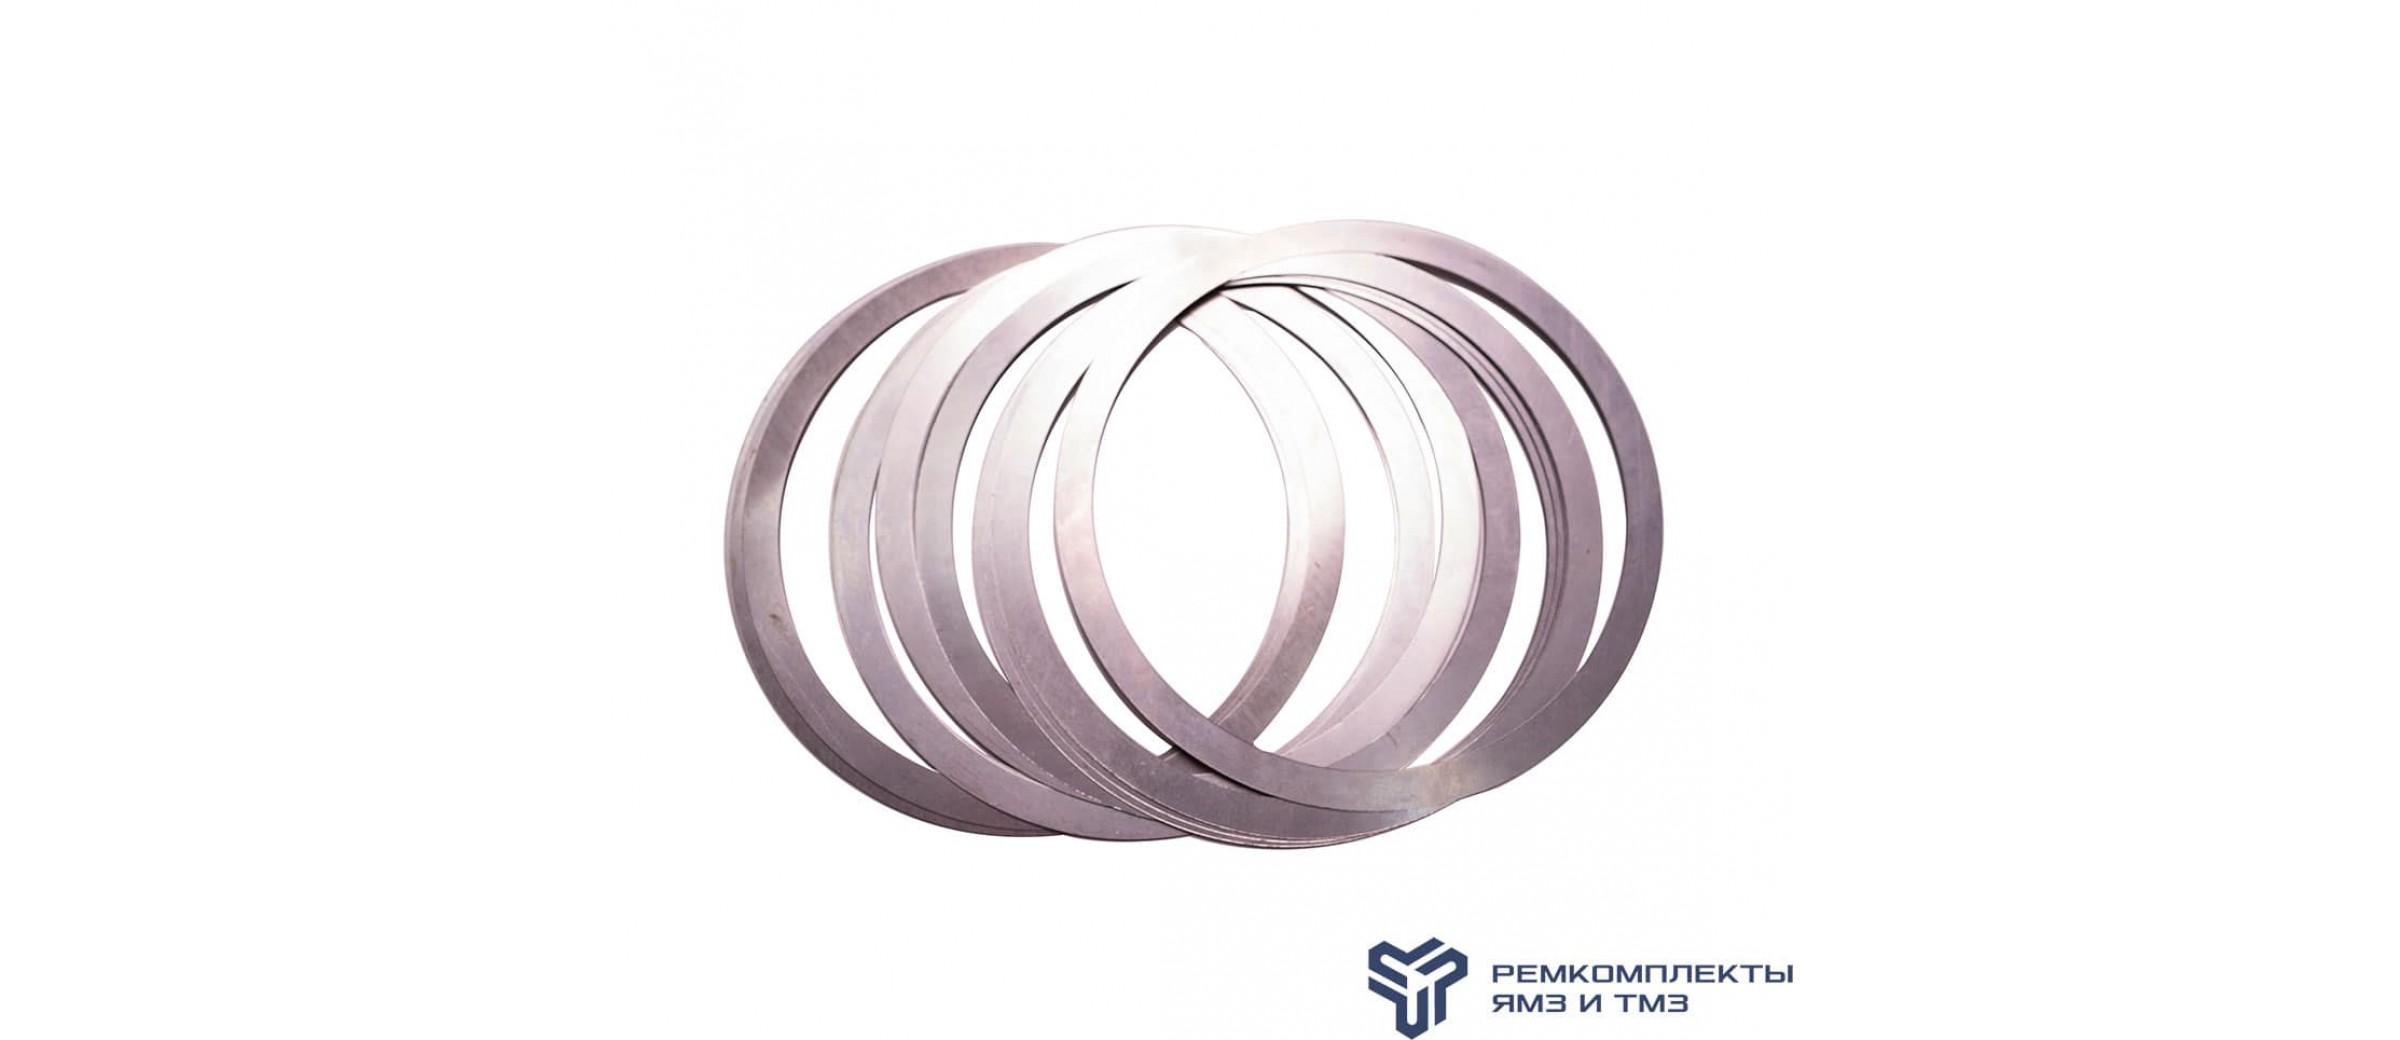 Комплект регулировочной прокладки первичного вала (КПП-239,2391) 3,8ММ